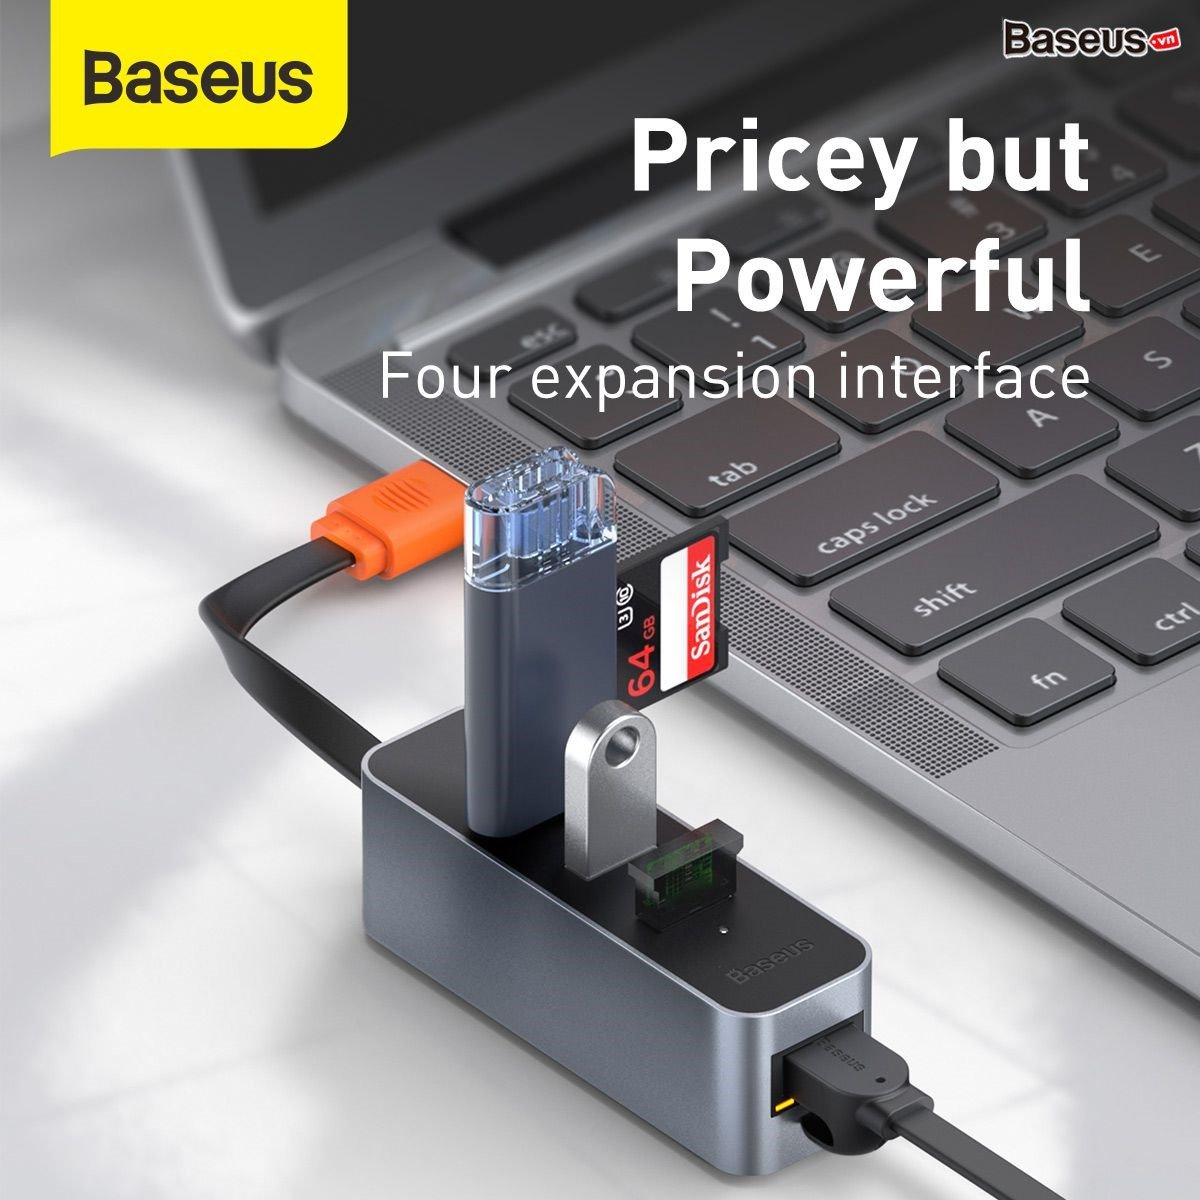 Hub Chuyển Đổi Steel Cannon Series USB A Gigabit LAN Adapter Từ USB / Type-C Sang RJ45 Cho Macbook Pro--Hàng Chính Hãng